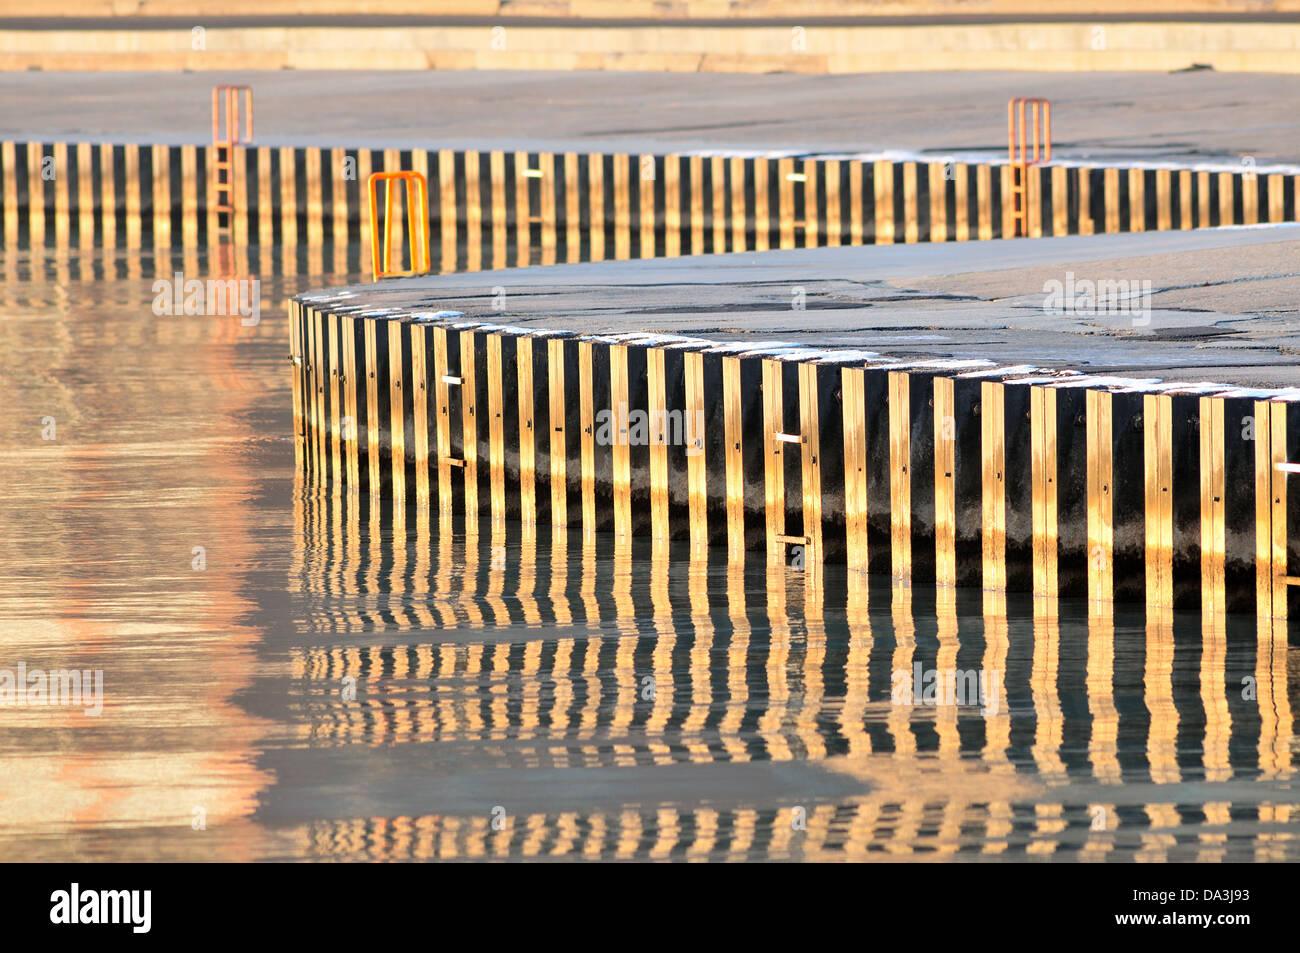 Verstärkte See entlang des Chicago North Avenue Beach Bereich Reflexion Lake Michigan. Chicago, Illinois, USA. Stockbild